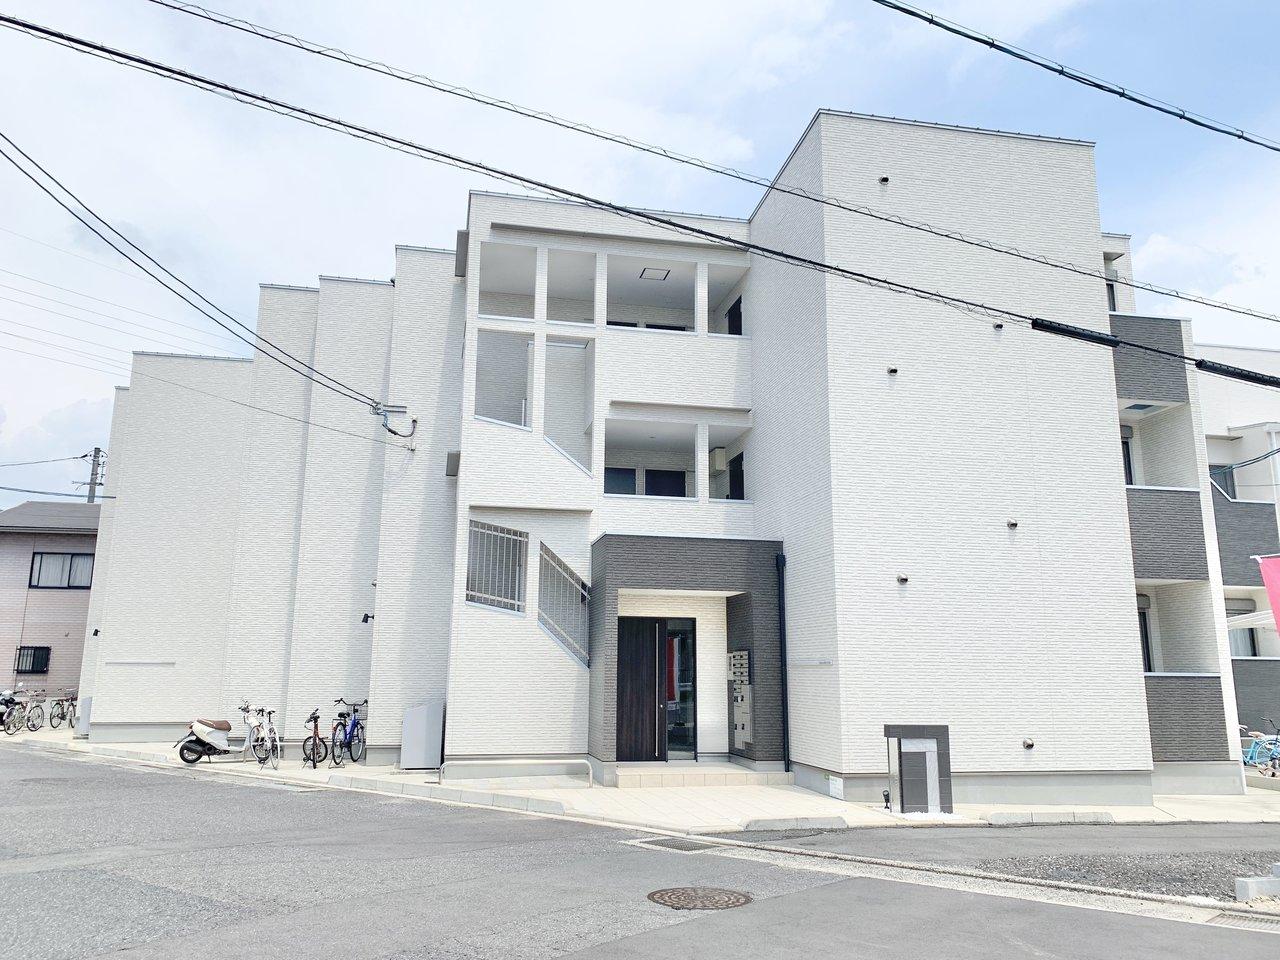 2018年築とまだまだ新しく、スタイリッシュな外観のアパートです。